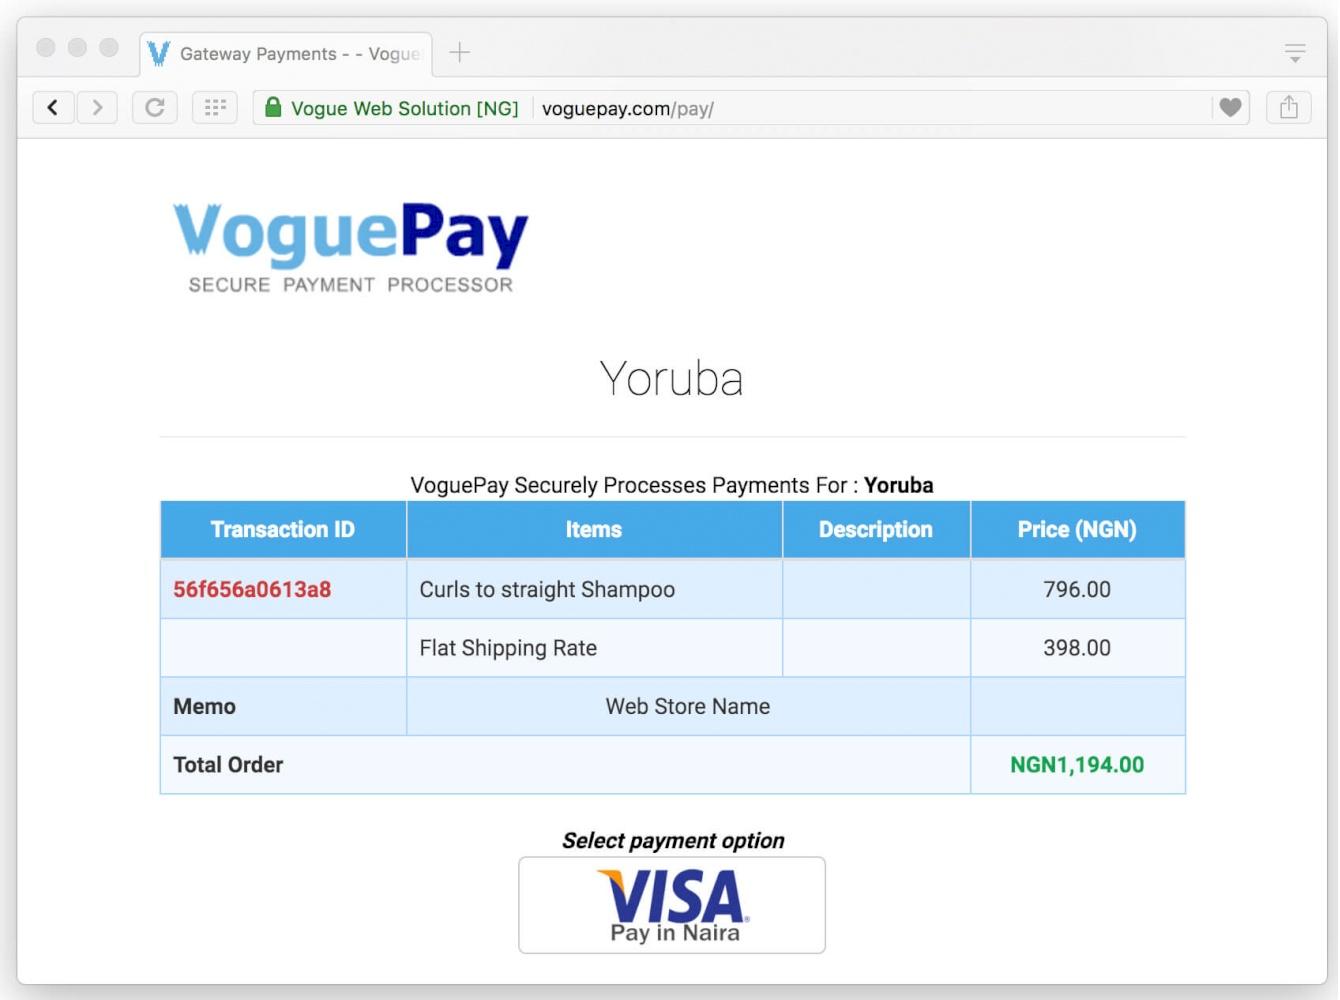 Voguepay payment AbanteCart integration